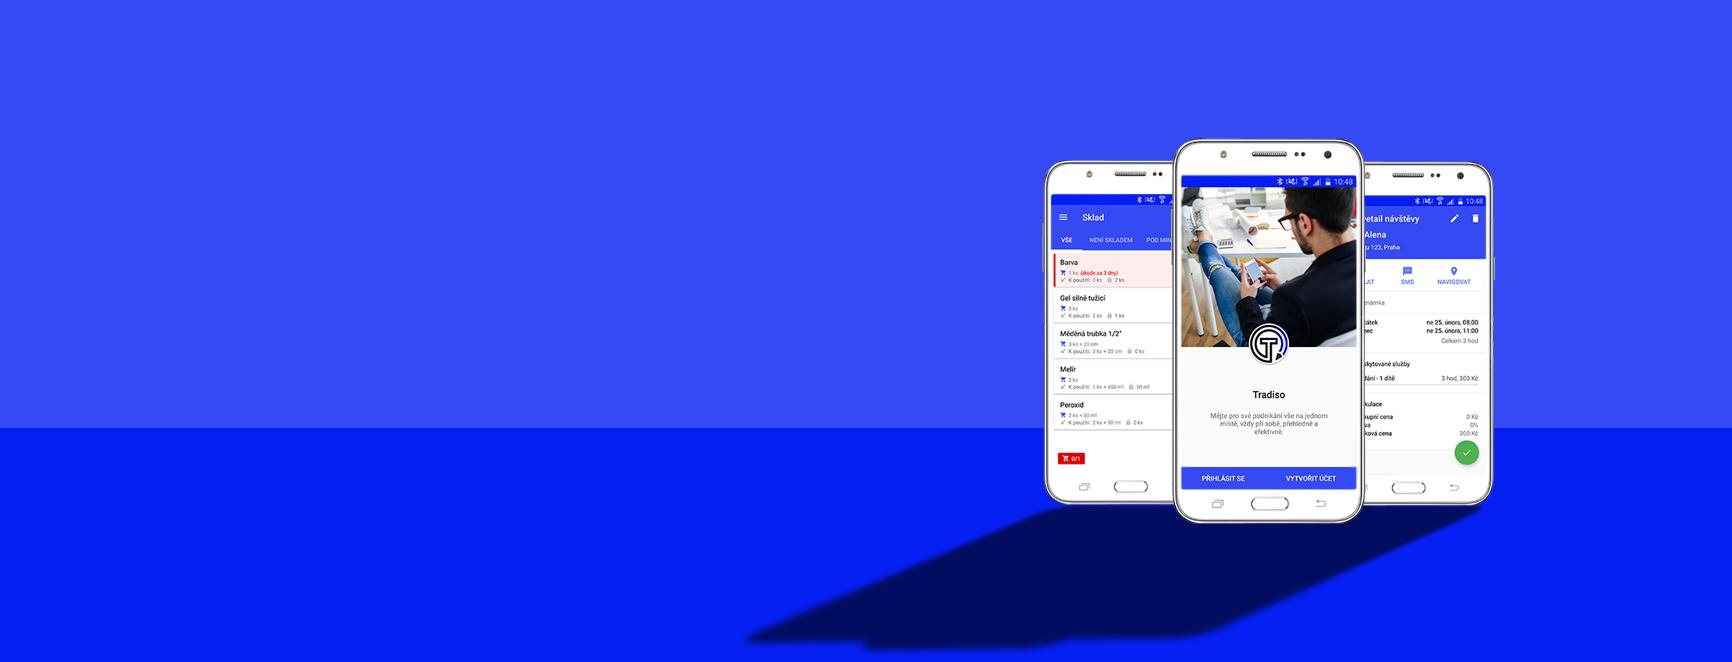 Tradiso - úvodní pozadí - 3 mobily s aplikací